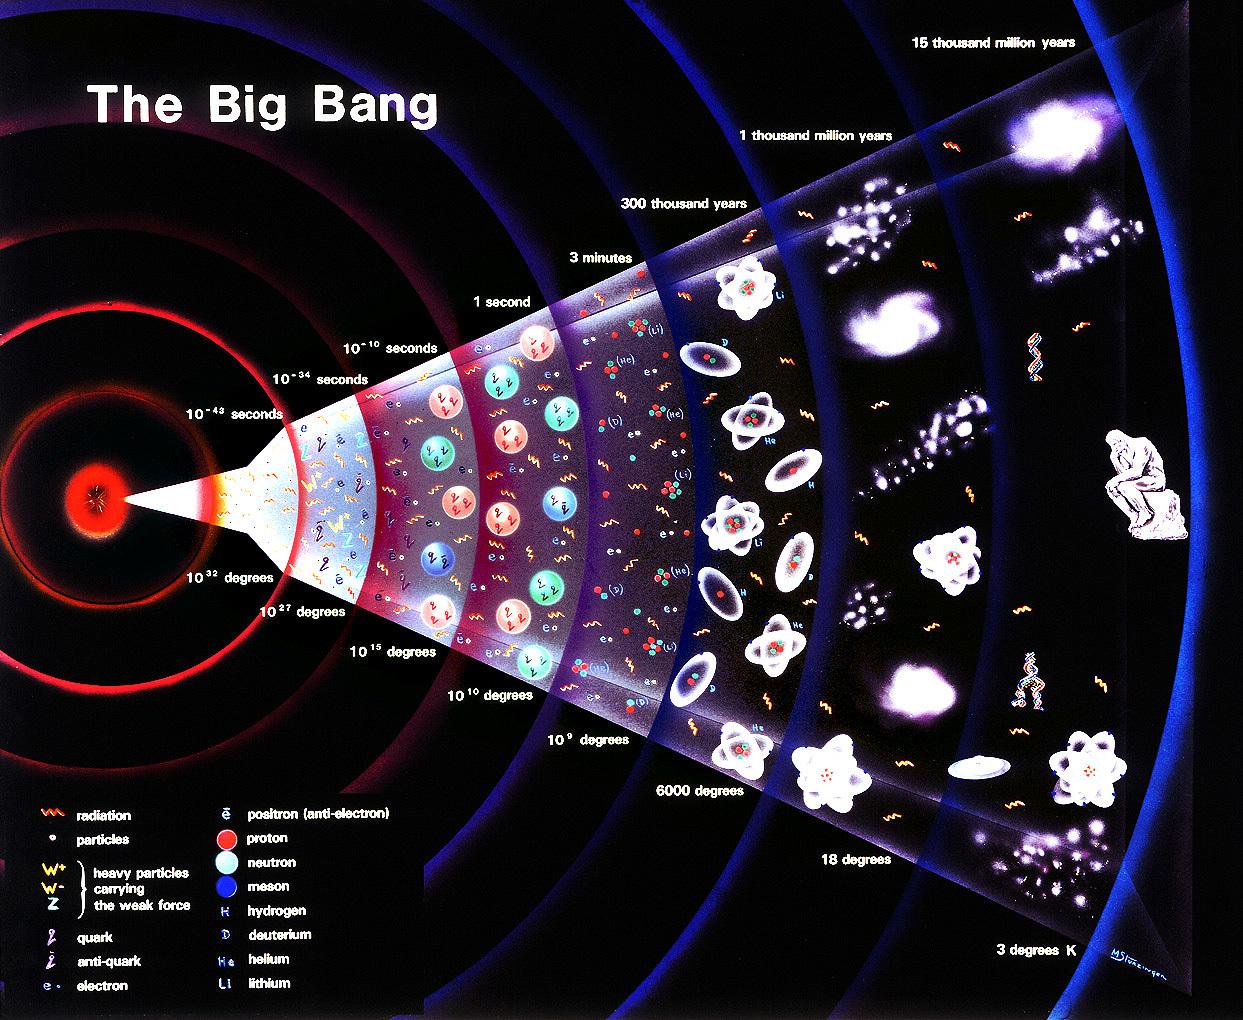 سوالات اساسی پیدایش جهان